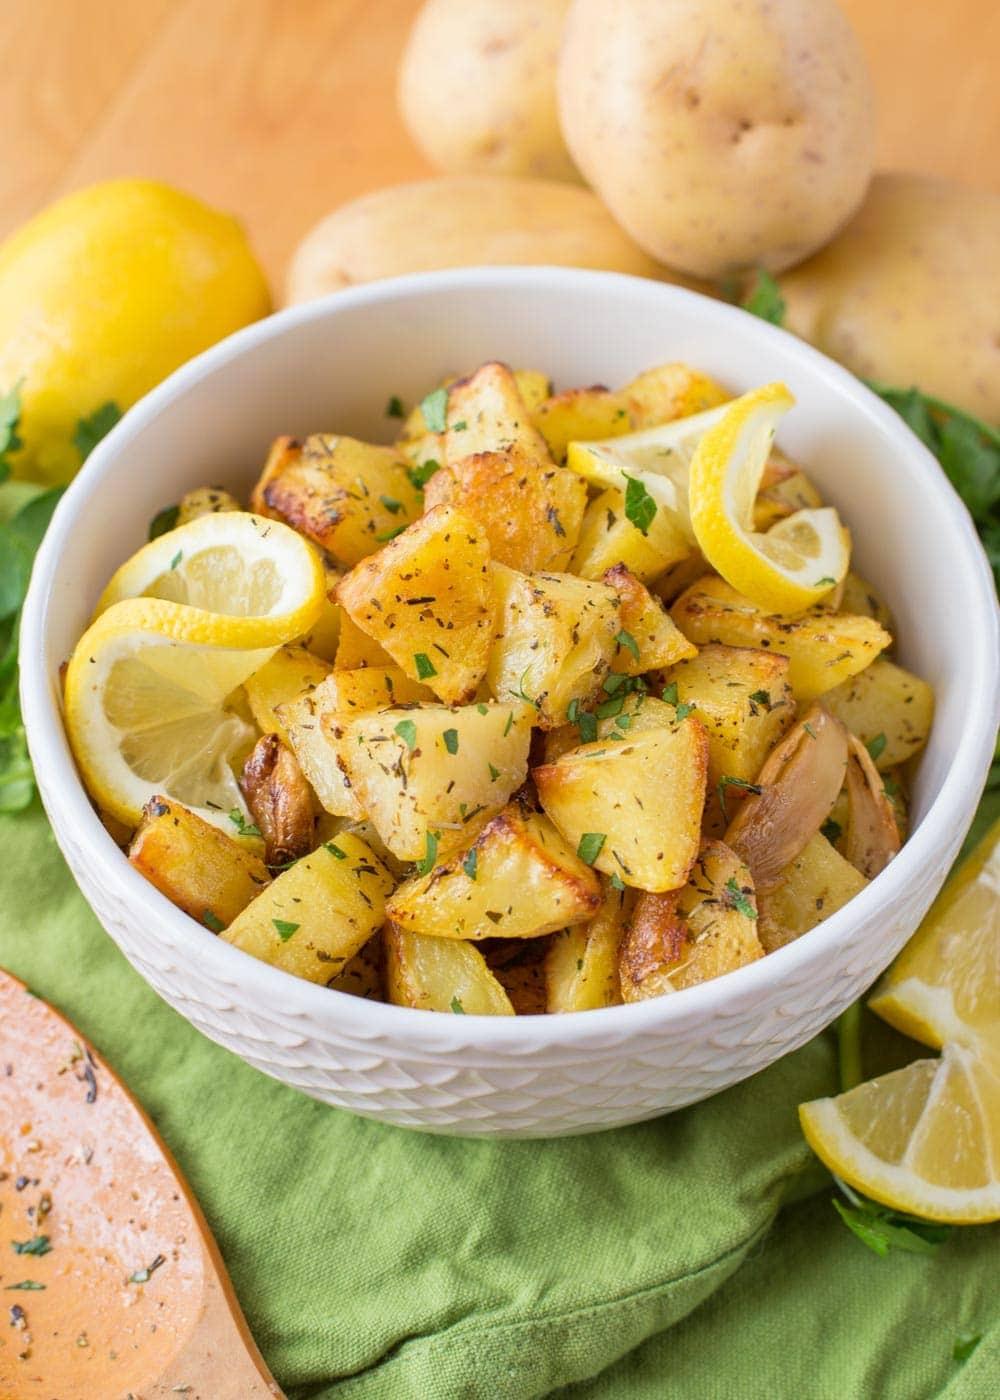 Lemon herb potatoes in bowl